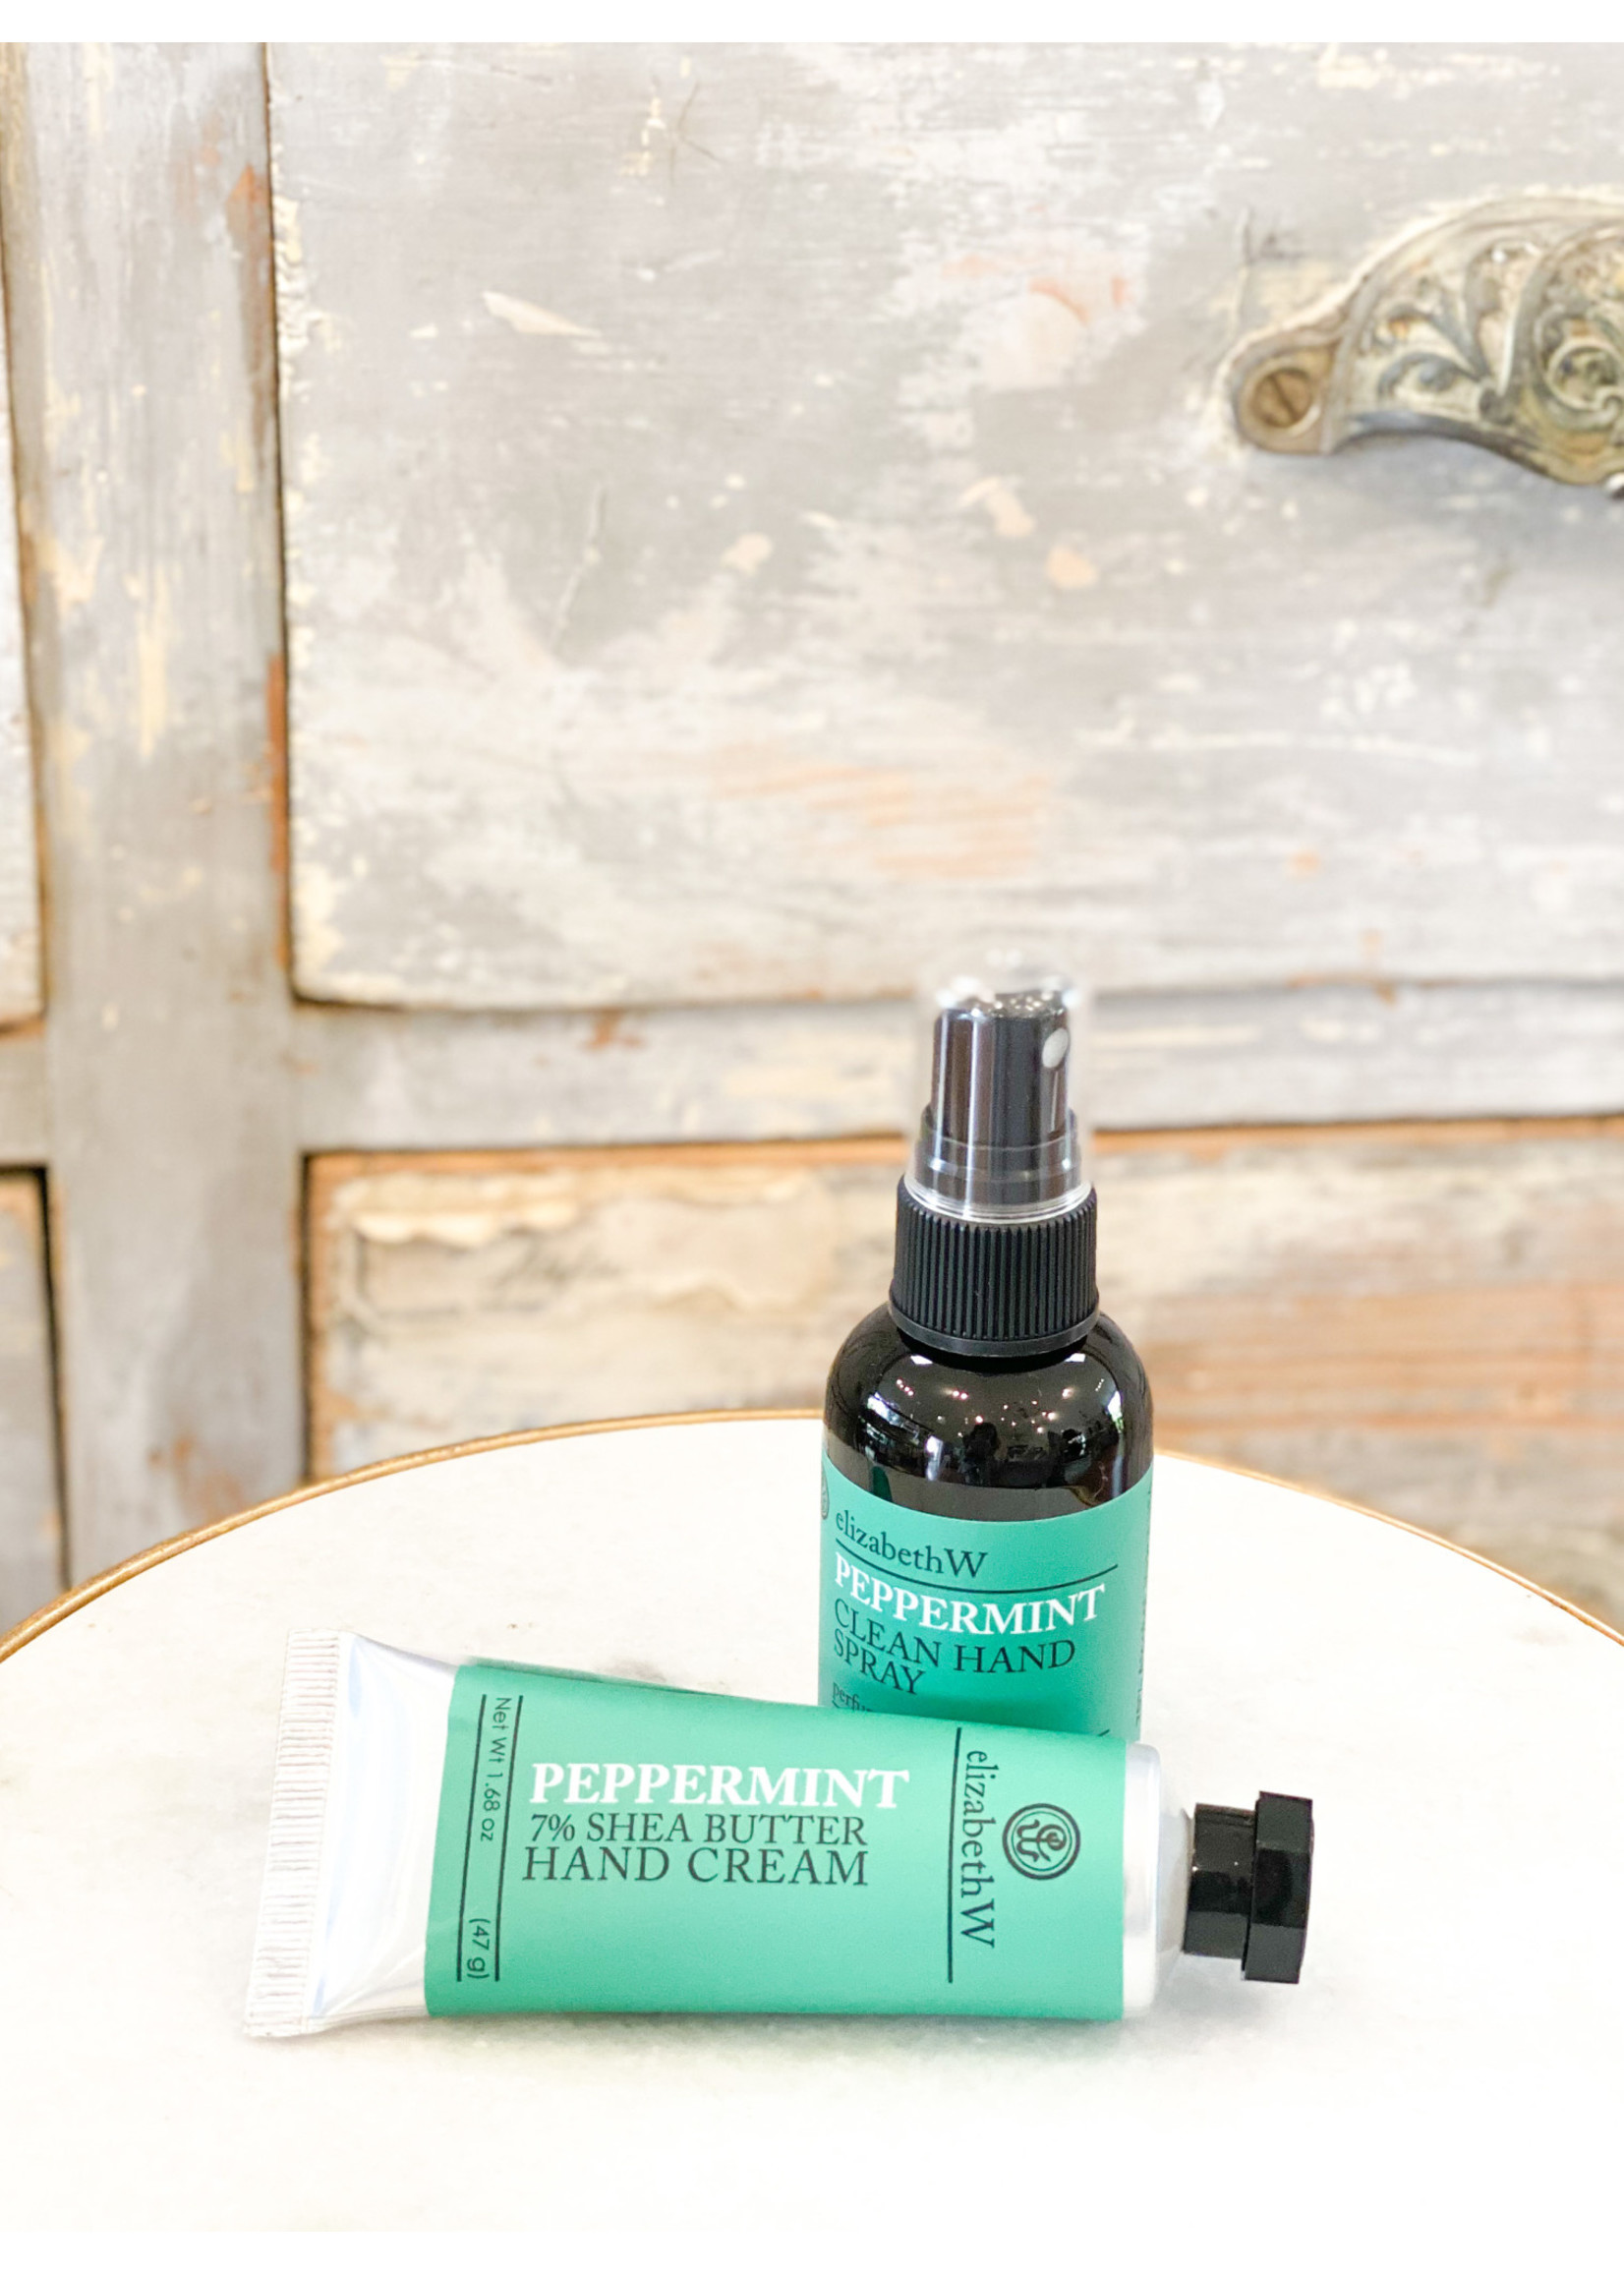 Elizabeth W Clean Hand Spray - Peppermint